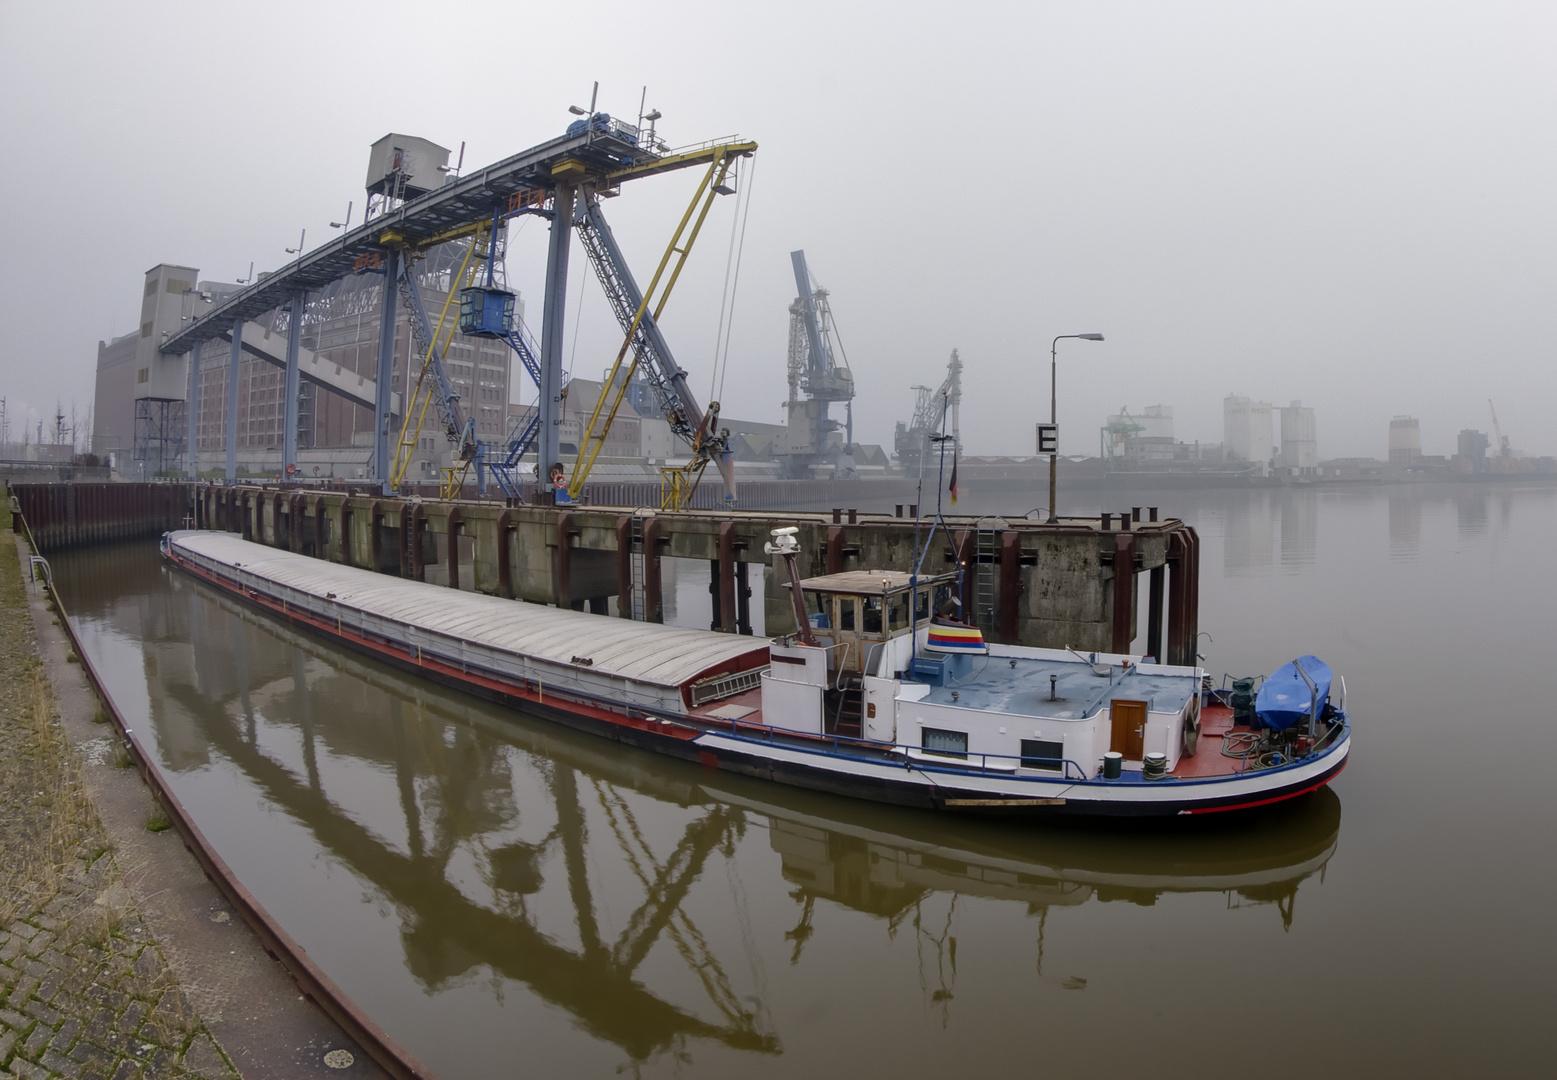 Getreidehafen Bremen